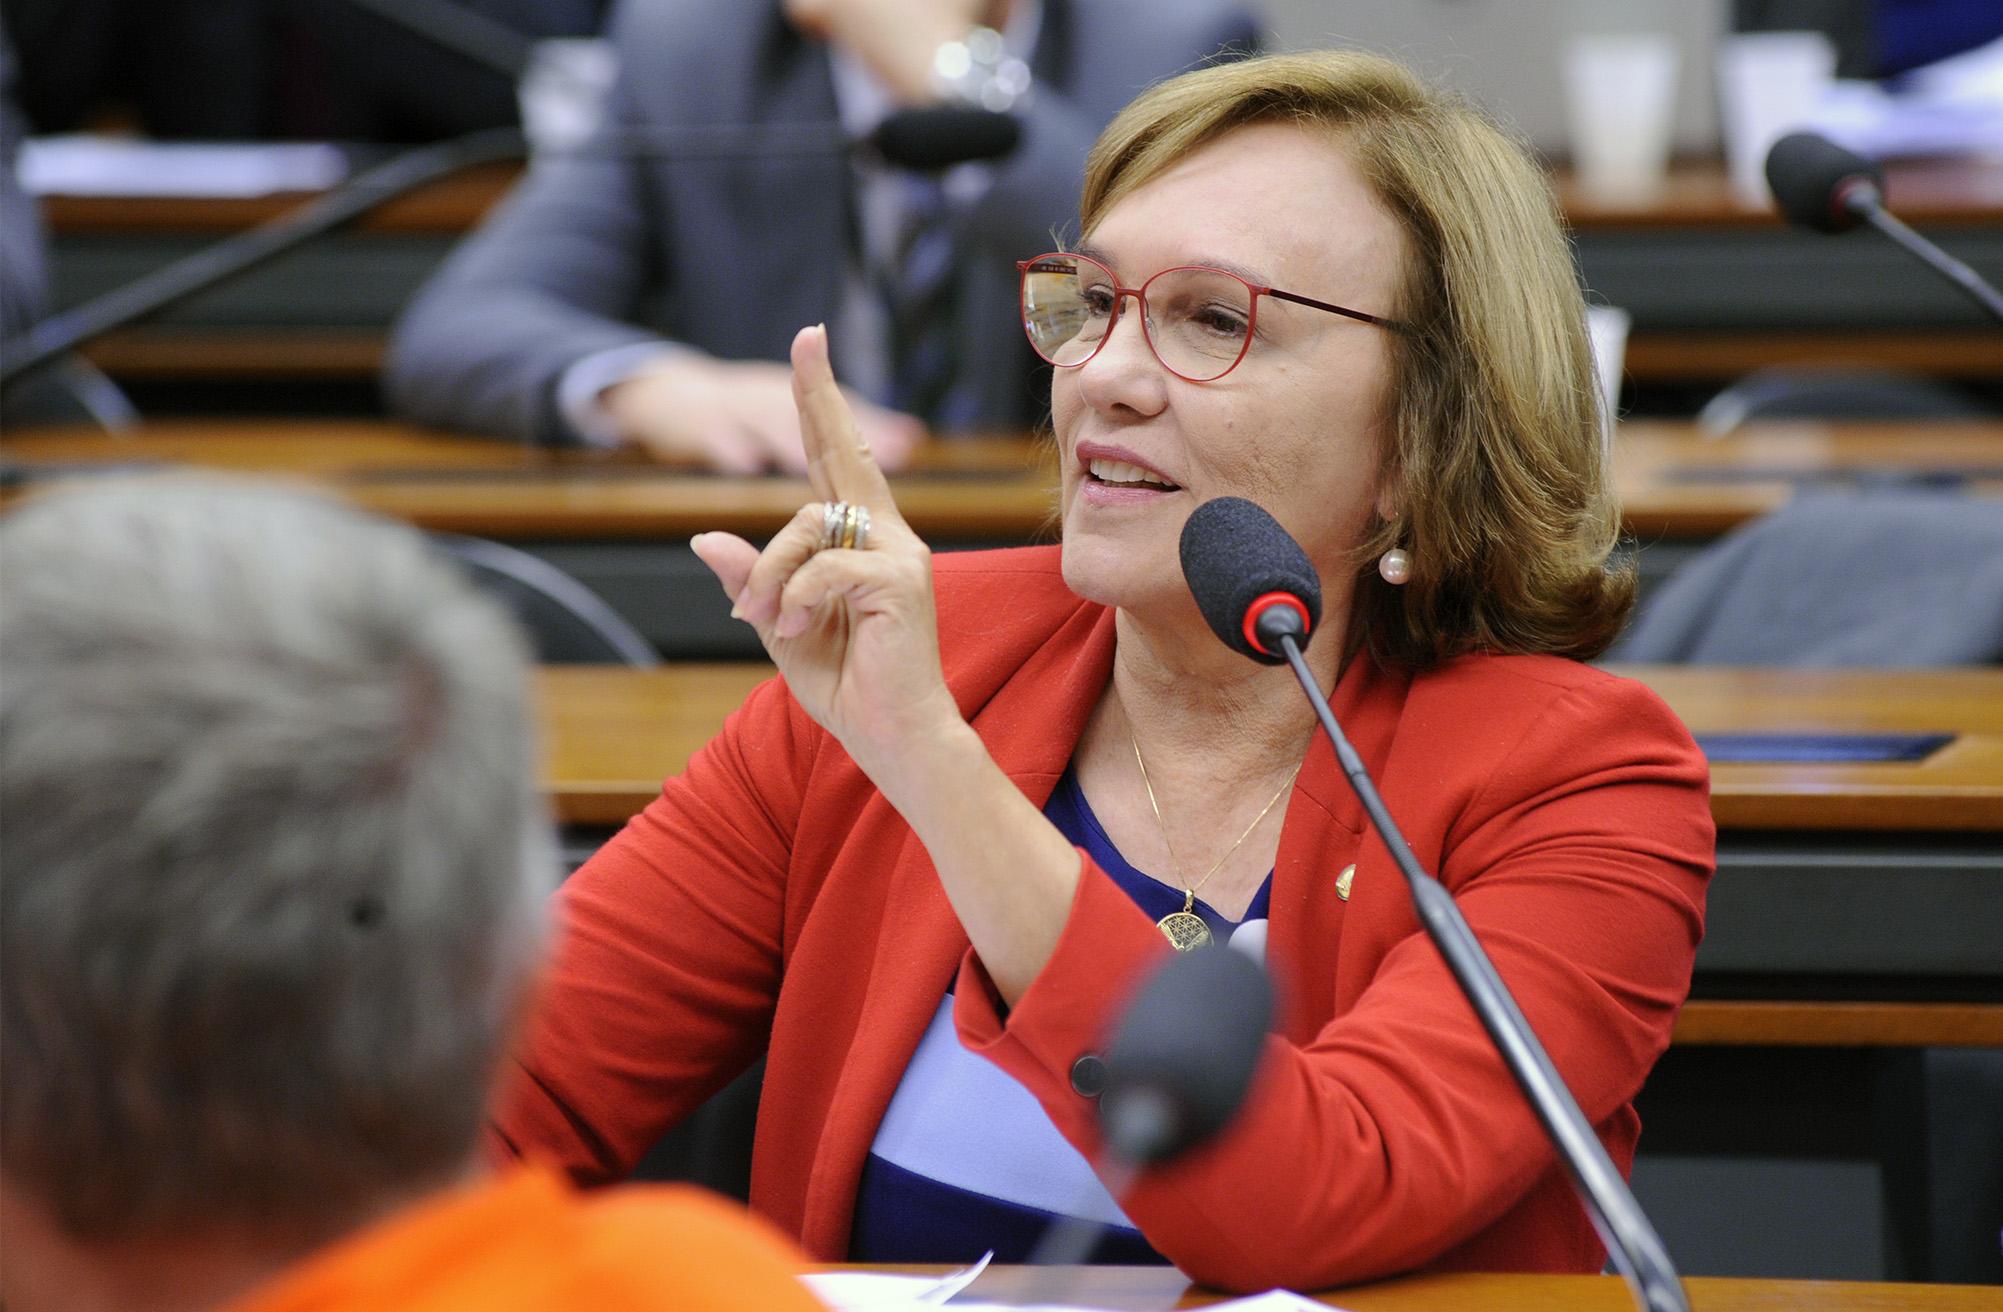 Audiência pública sobre o refino de petróleo como uma questão estratégica para o país. Dep. Zenaide Maia (PHS - RN)